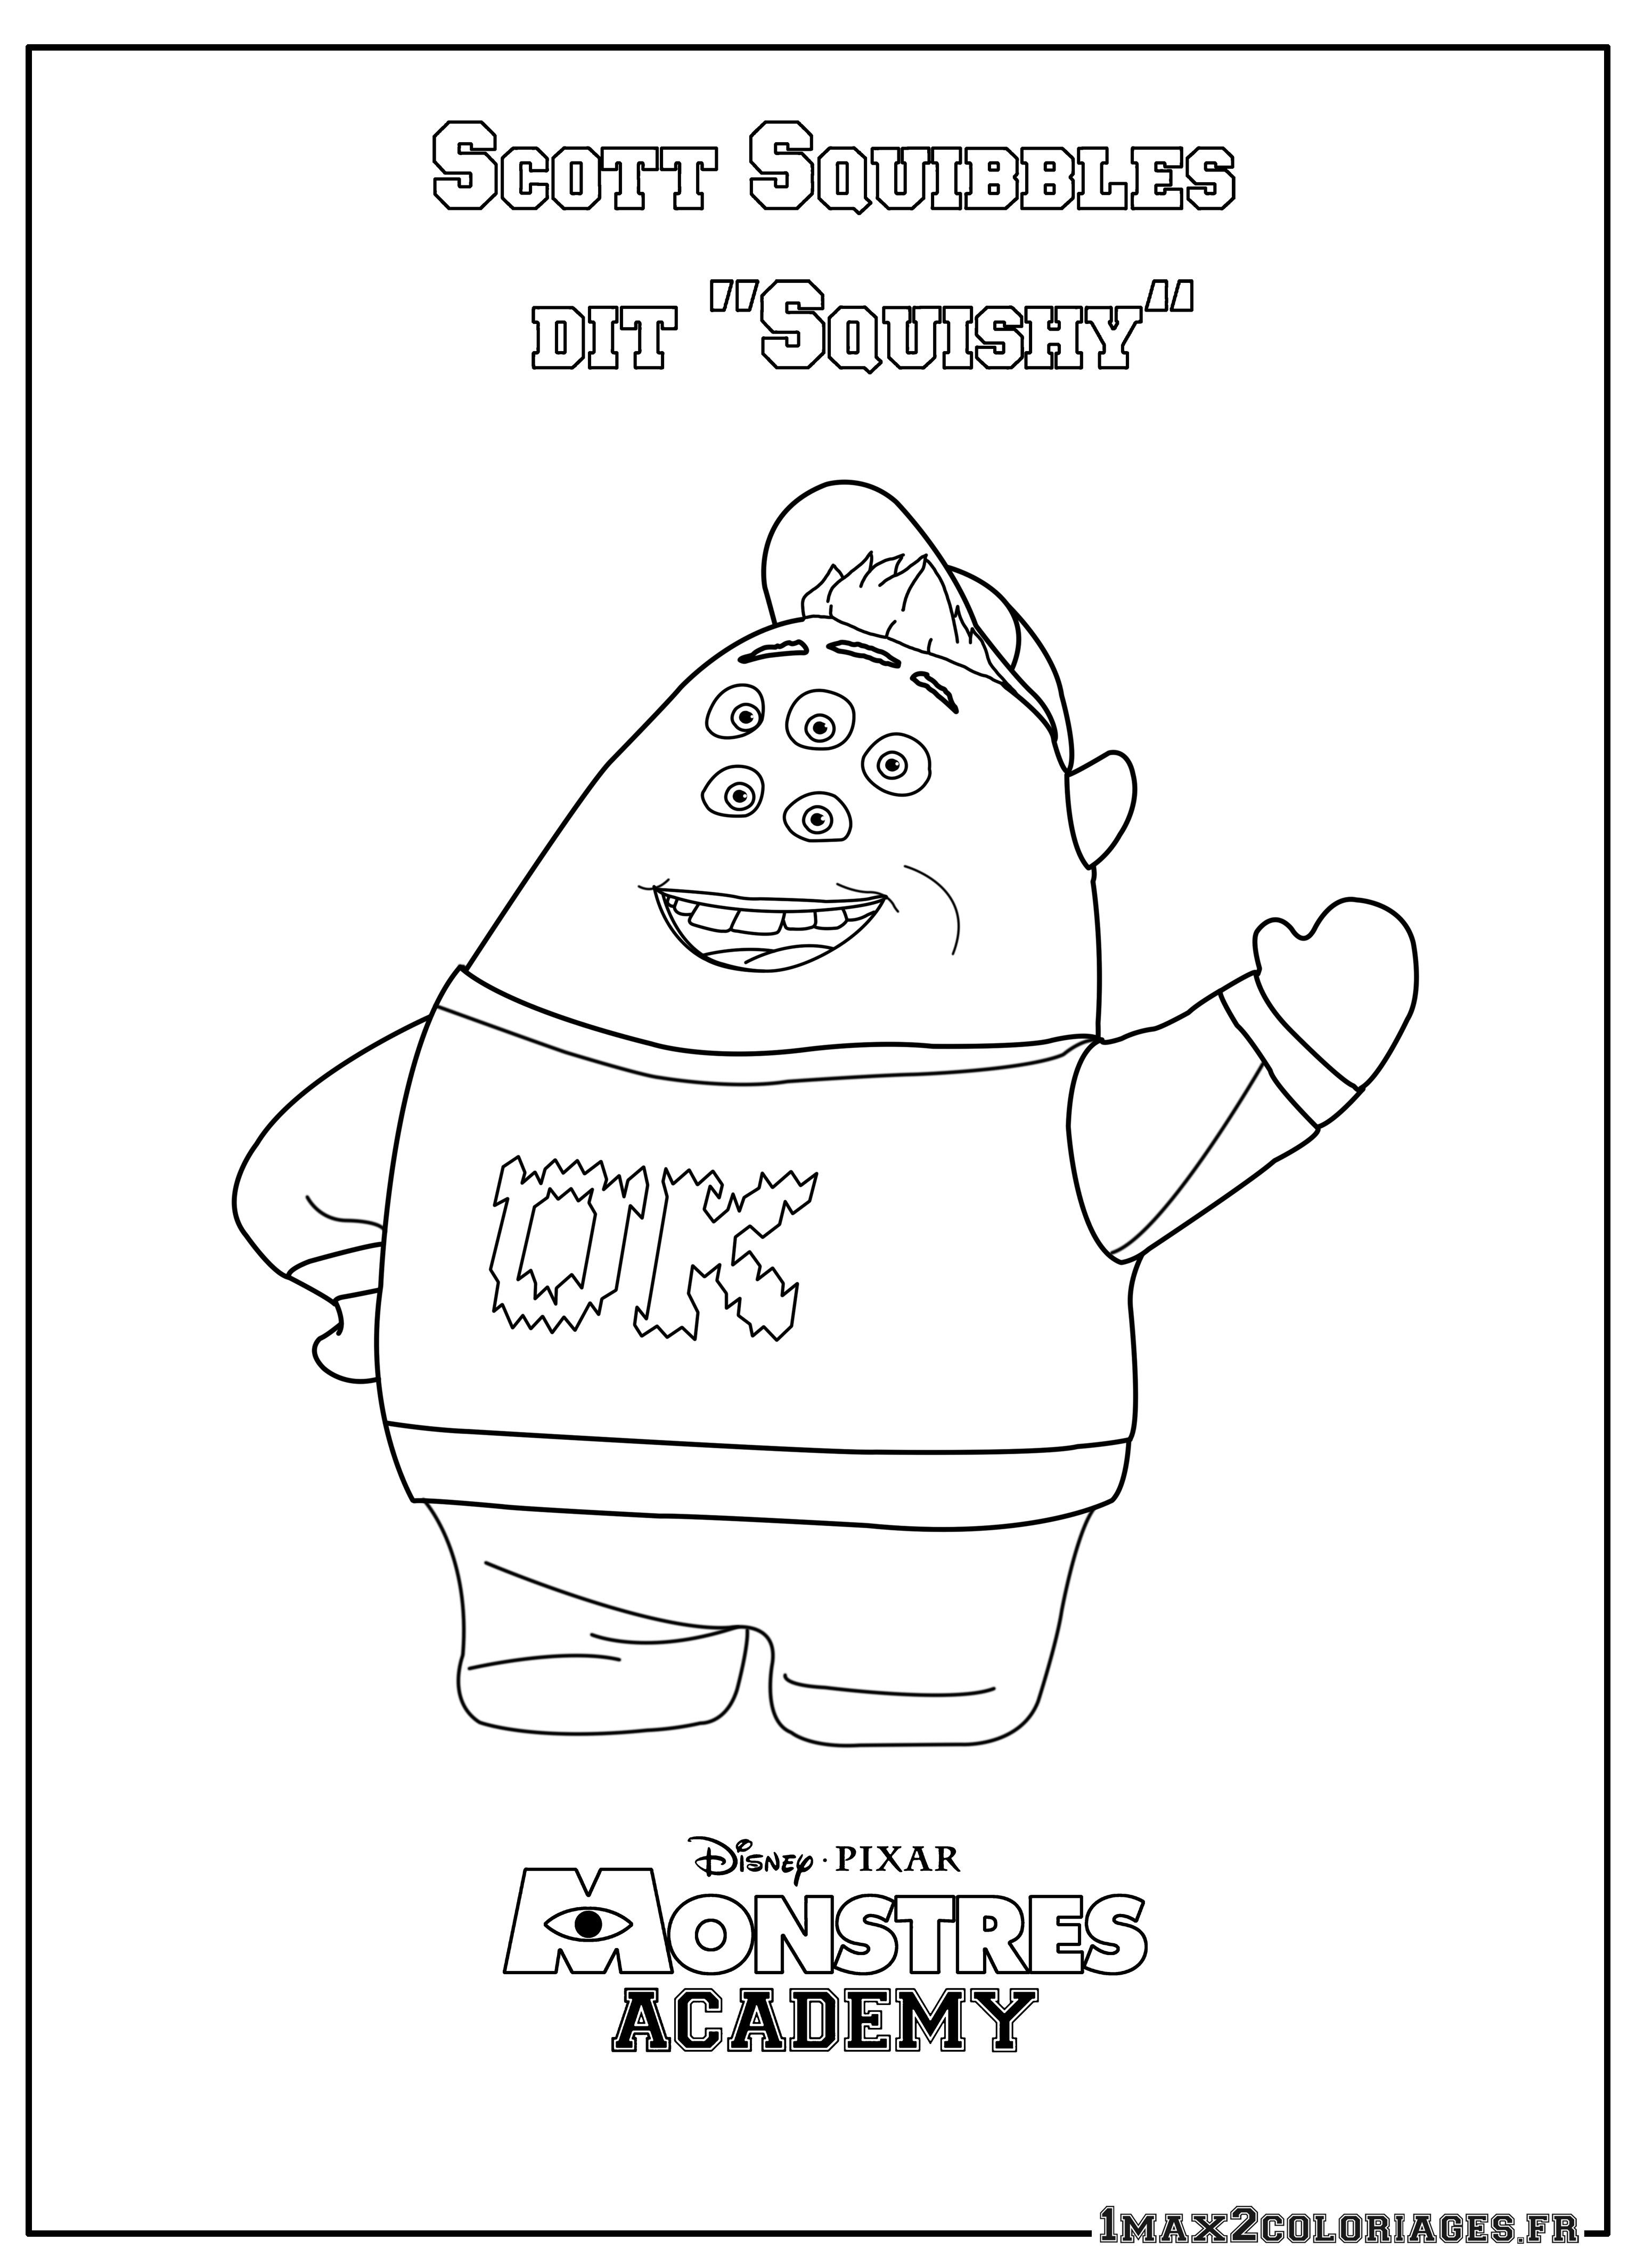 Coloriage monstres academy scott squibbles a imprimer en ligne - Coloriage de monstres ...